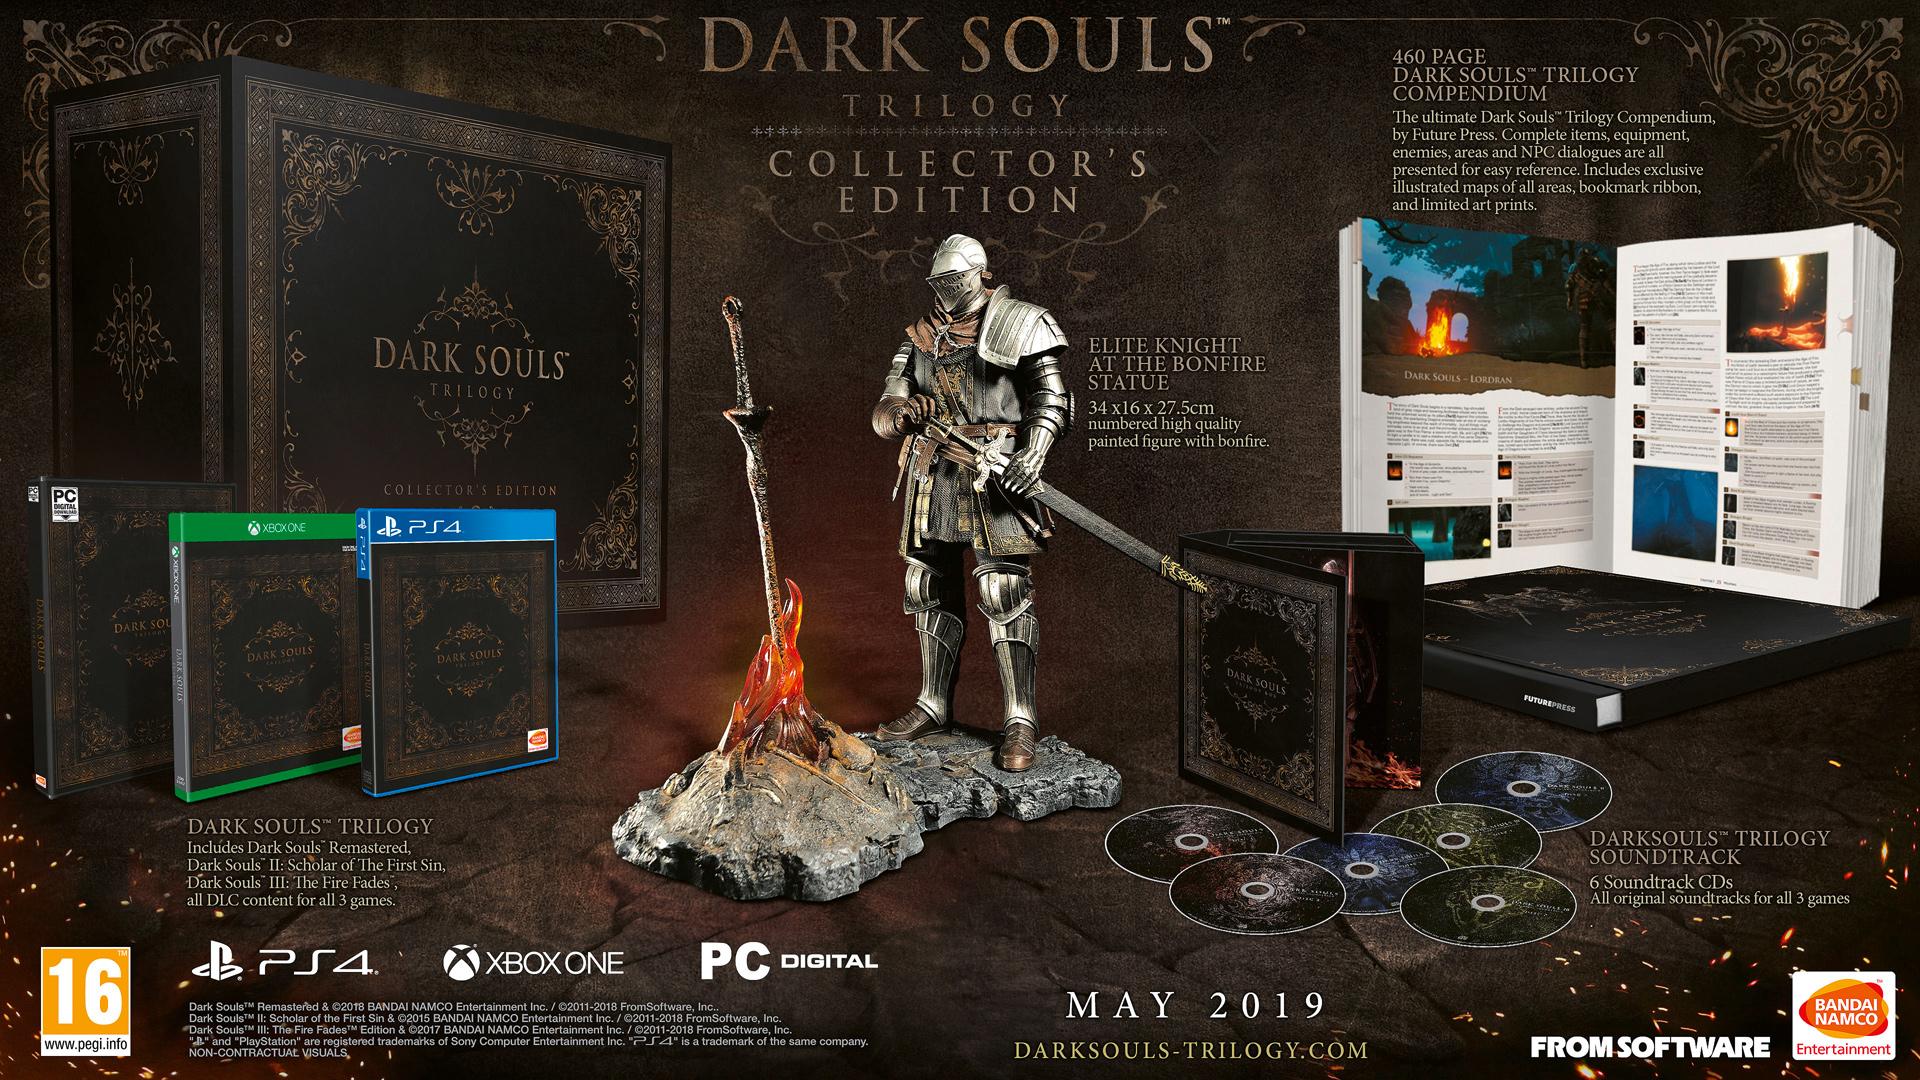 买游戏送篝火 450英镑《黑暗之魂三部曲》收藏版发售